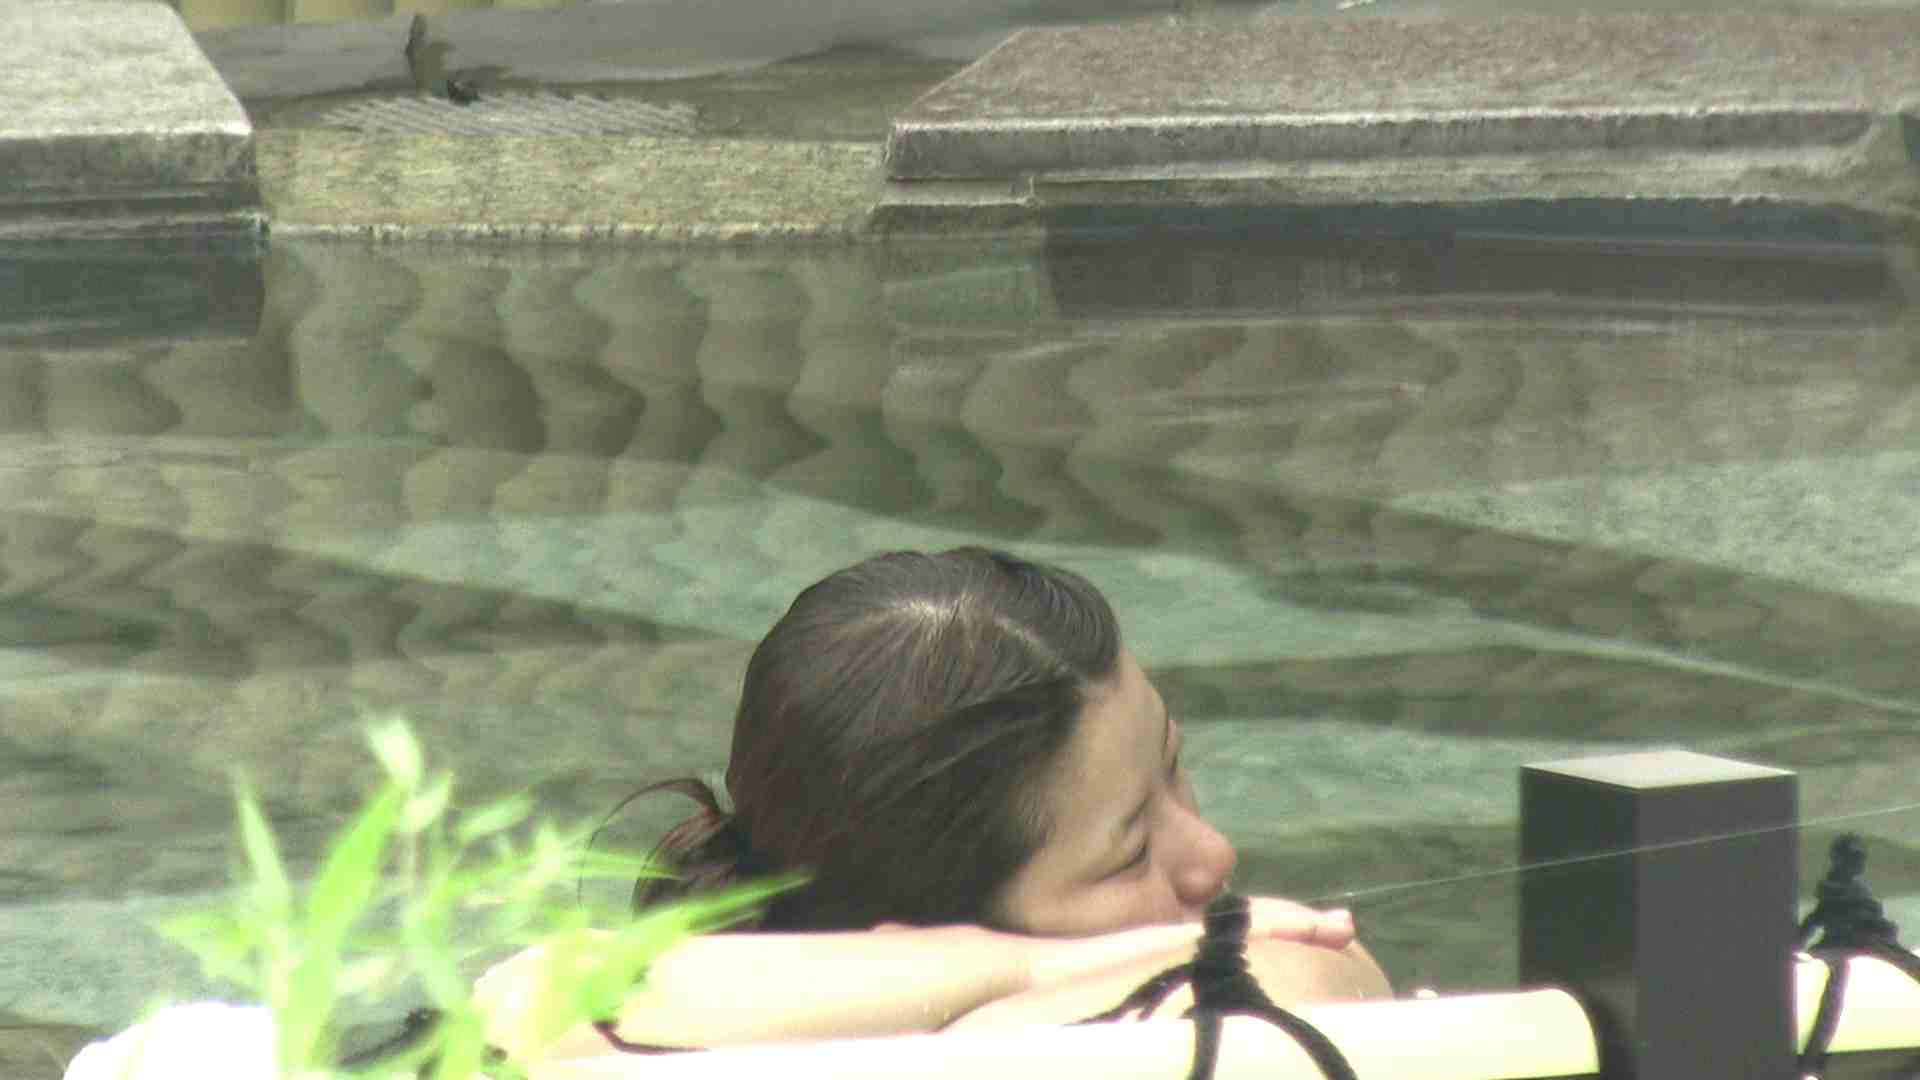 Aquaな露天風呂Vol.19【VIP】 美しいOLの裸体   盗撮師作品  106pic 49